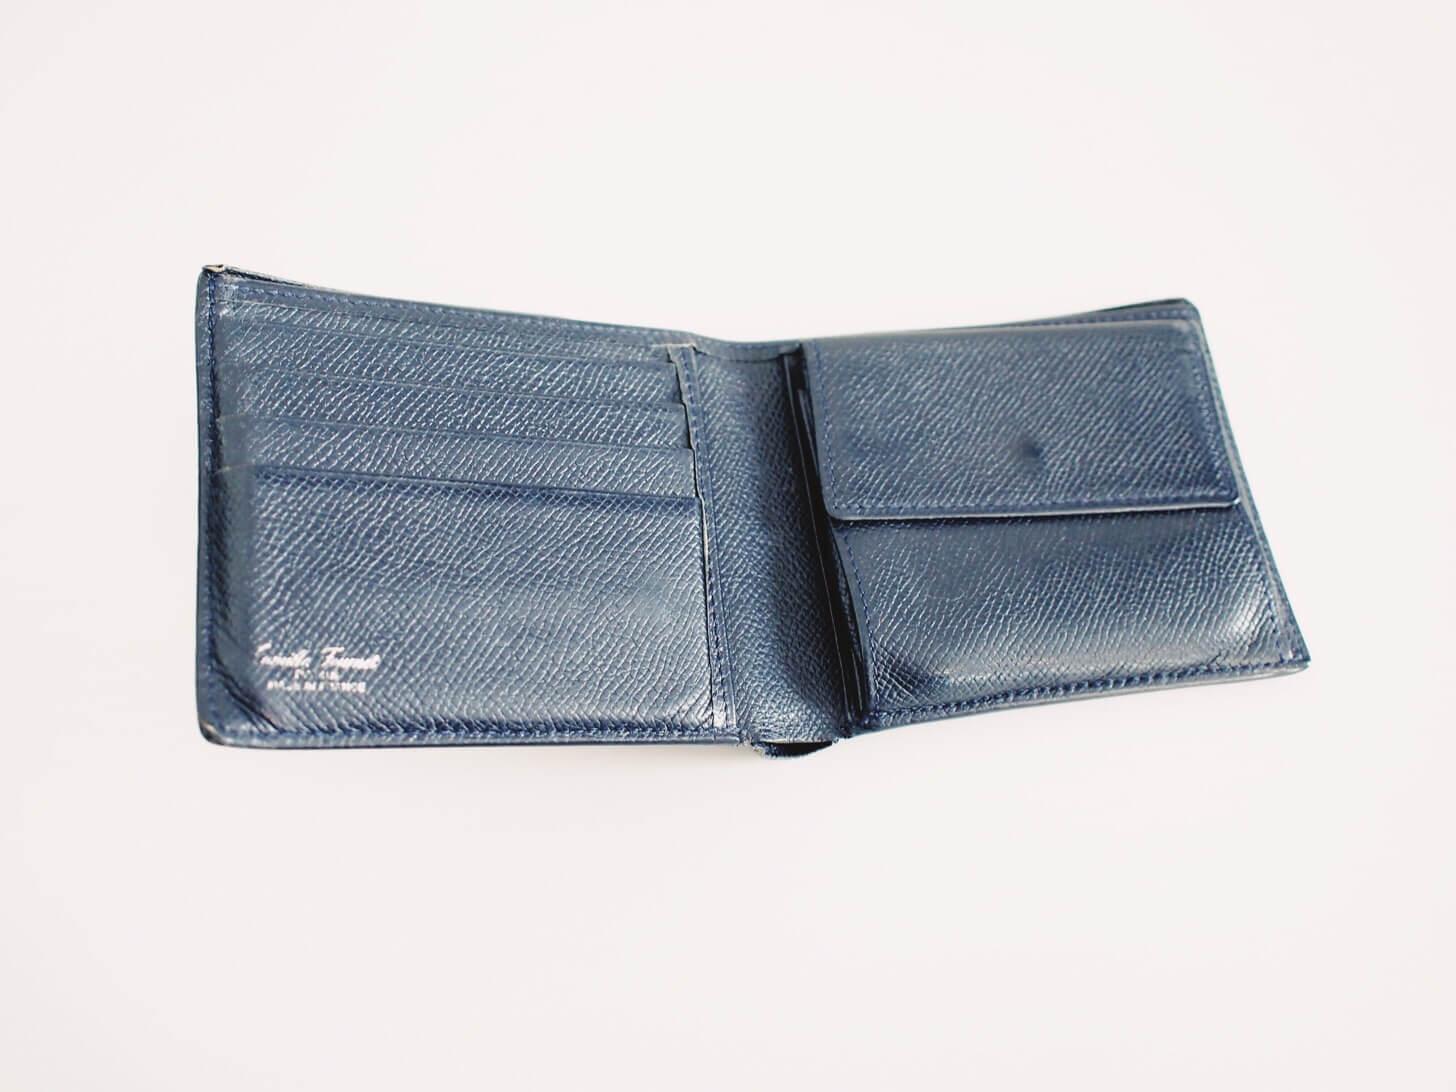 カミーユフォルネの財布-2